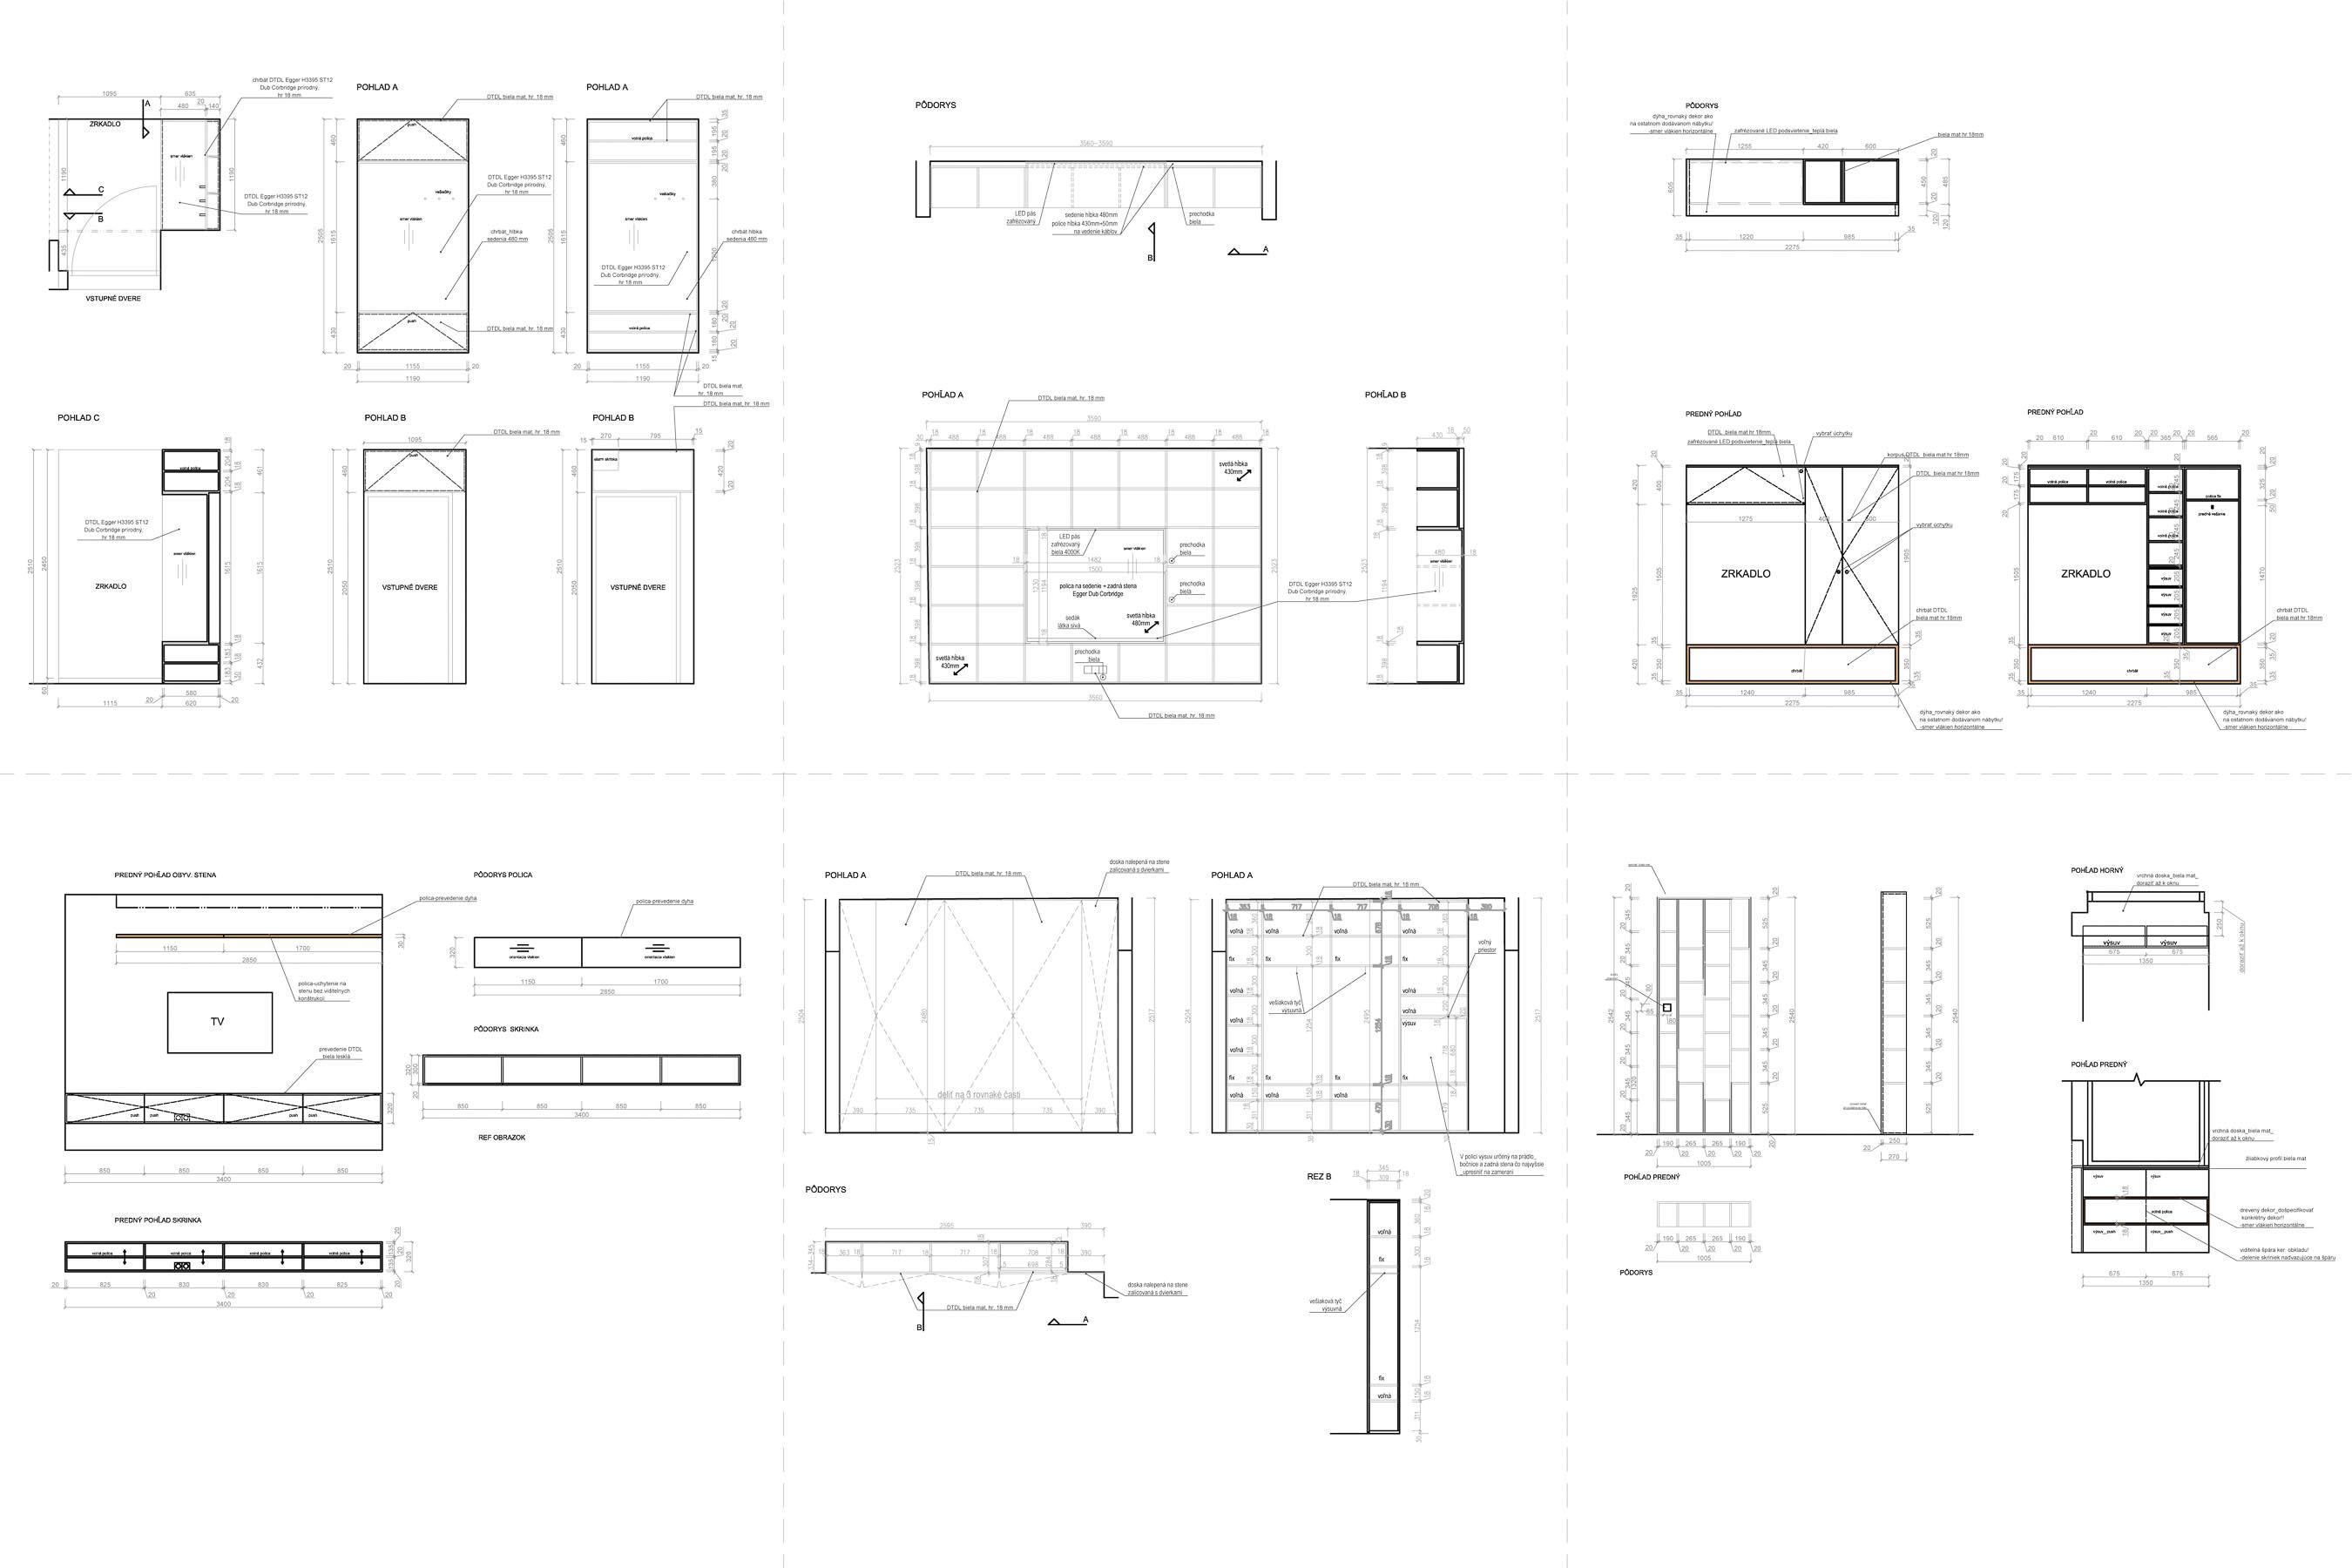 Projekt interiéru - premyslené detaily, výpis prvkov, nábytok na mieru